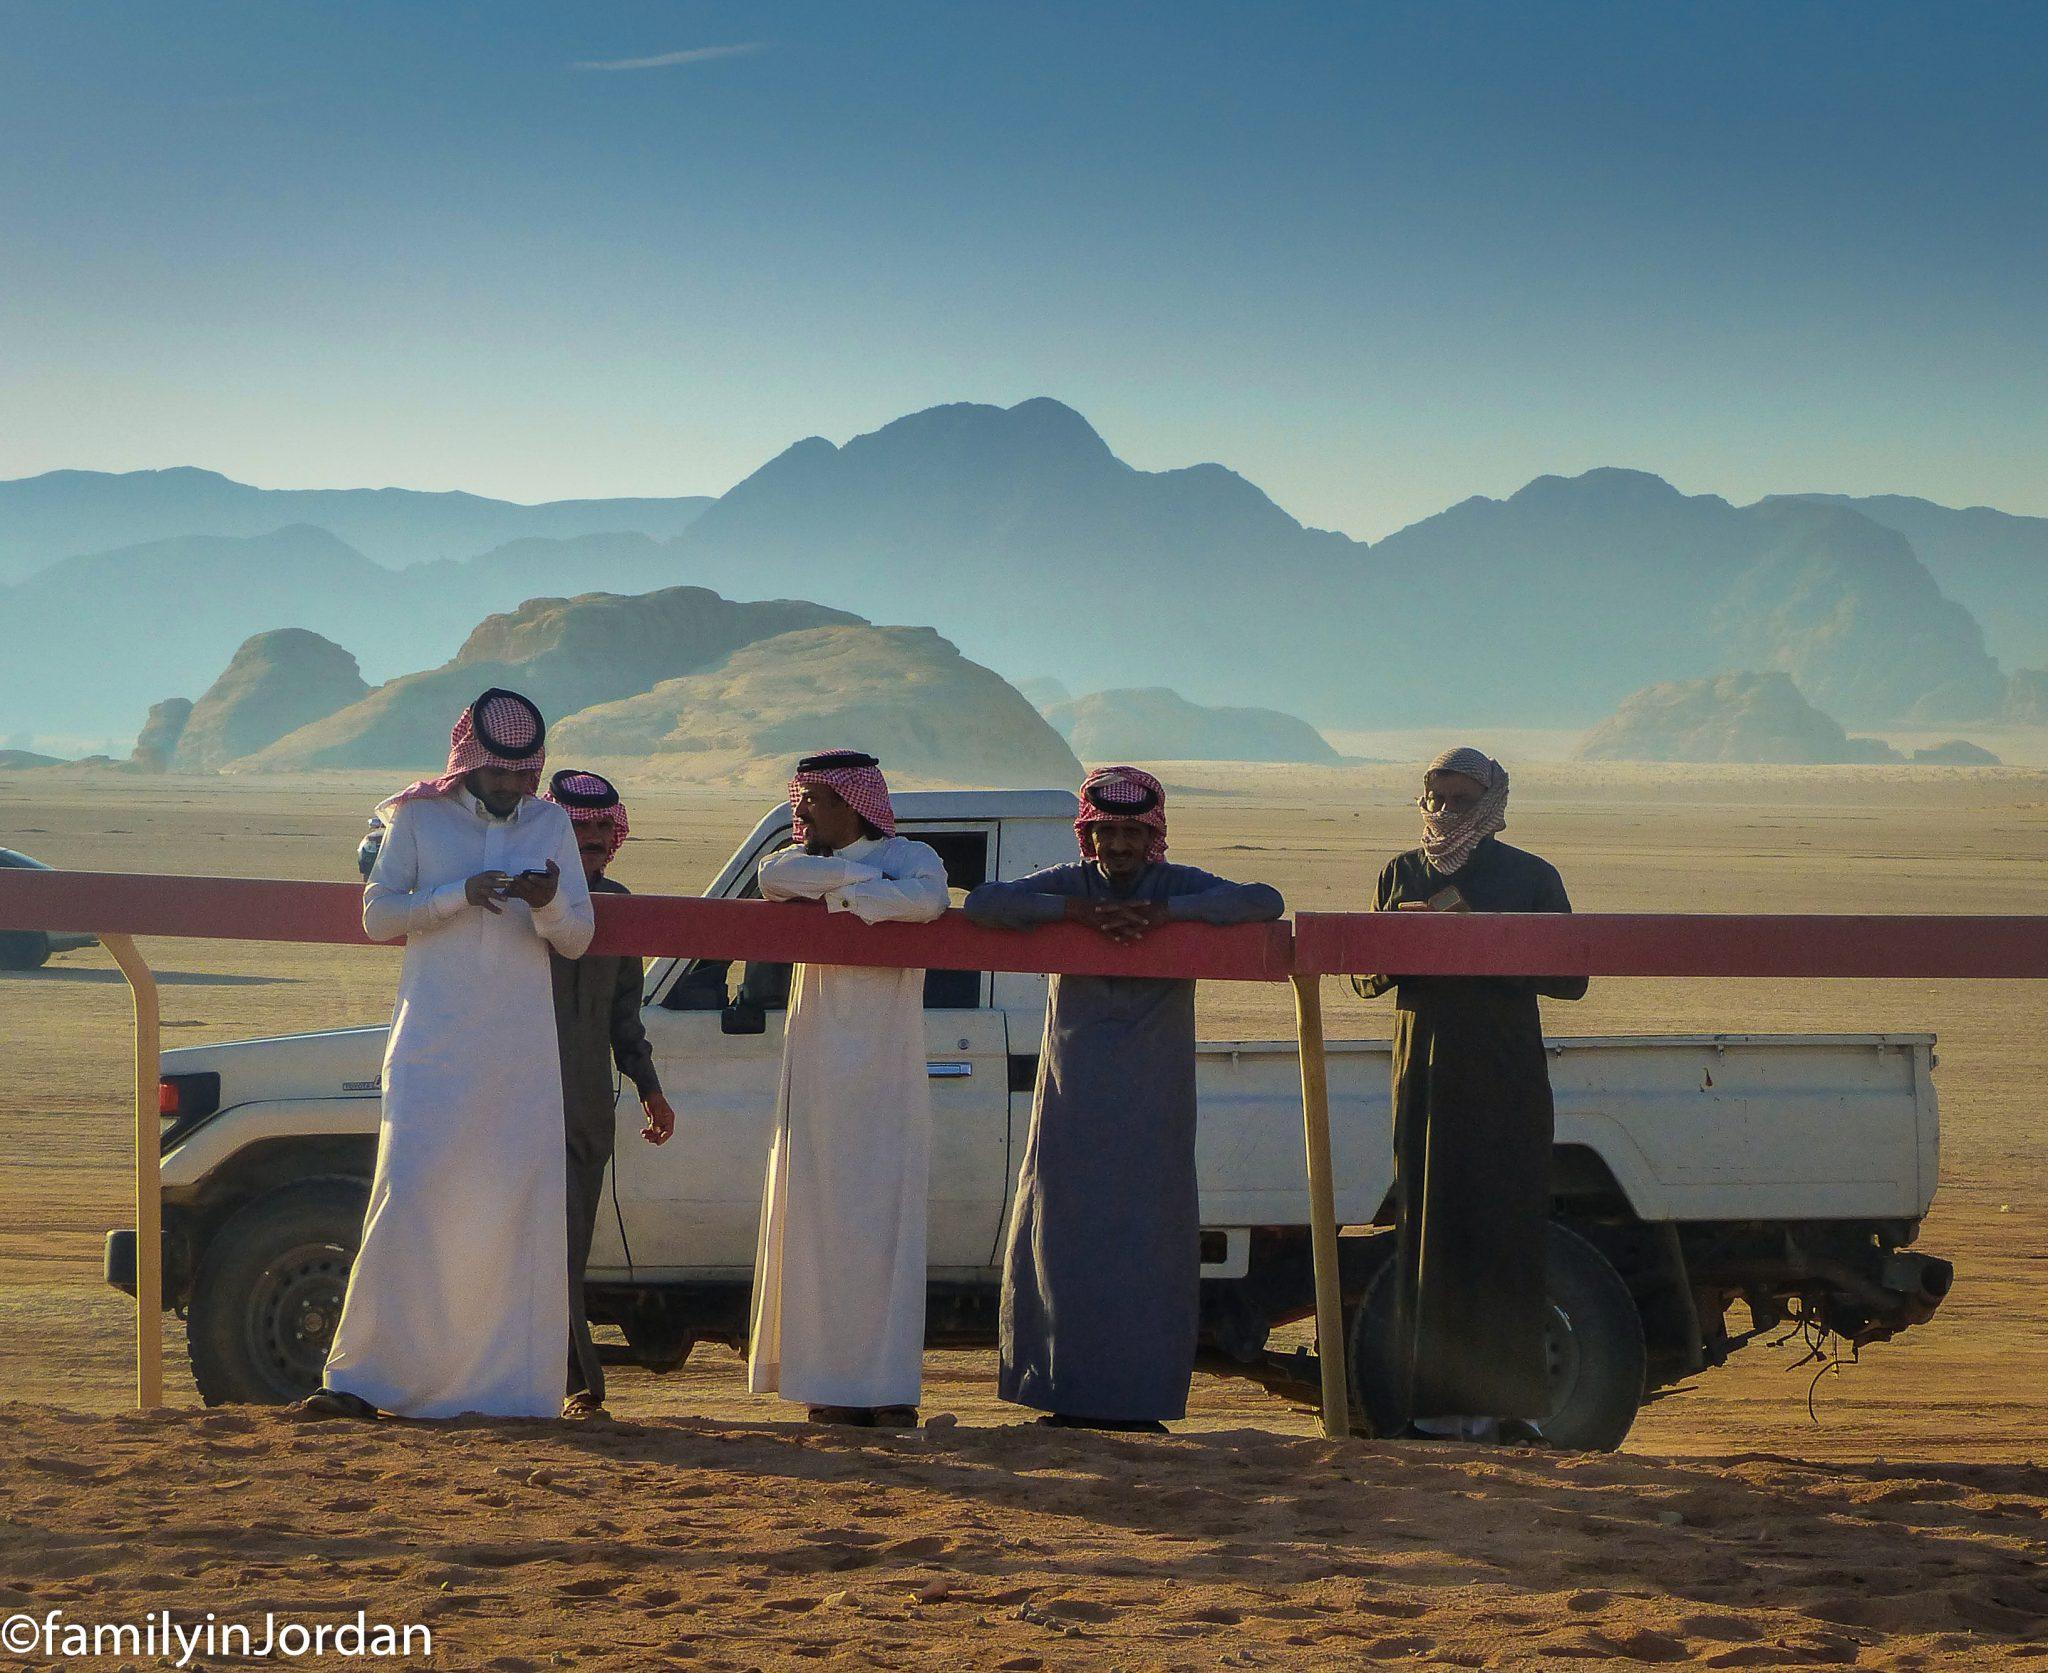 Desert & bedouins